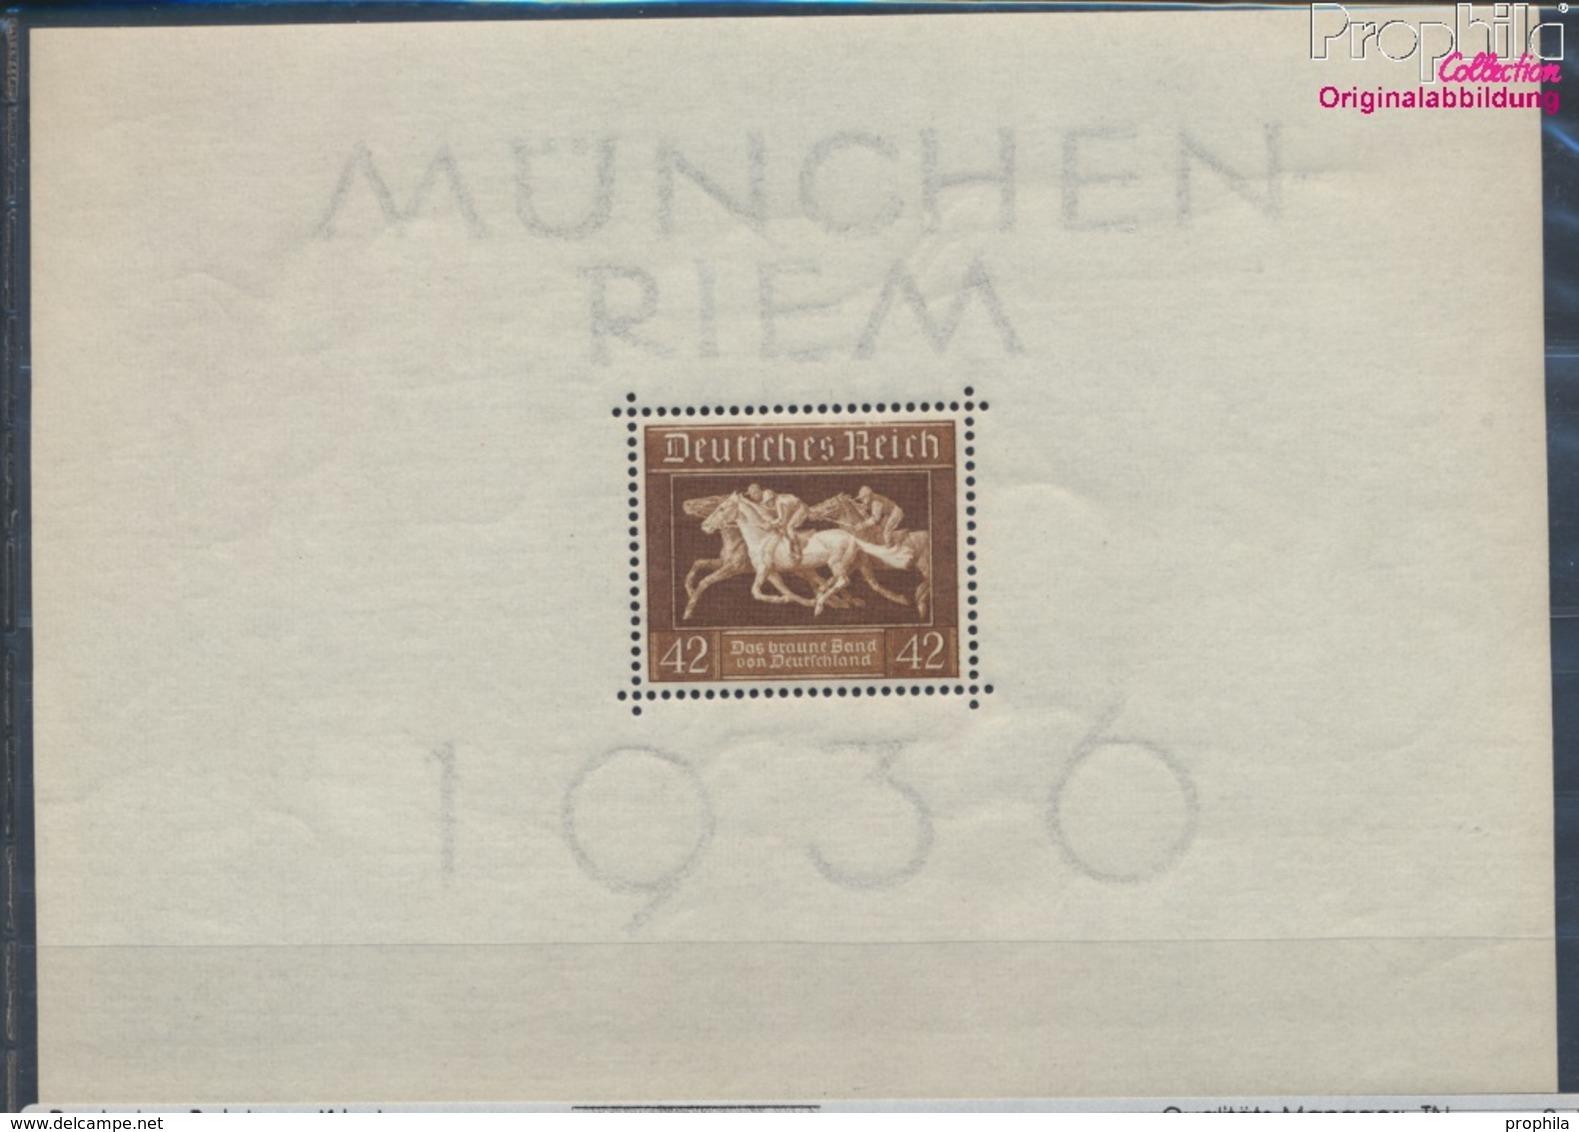 Deutsches Reich Block4 (kompl.Ausg.) Postfrisch 1936 Das Braune Band Pferderennen (8111918 - Blocks & Kleinbögen